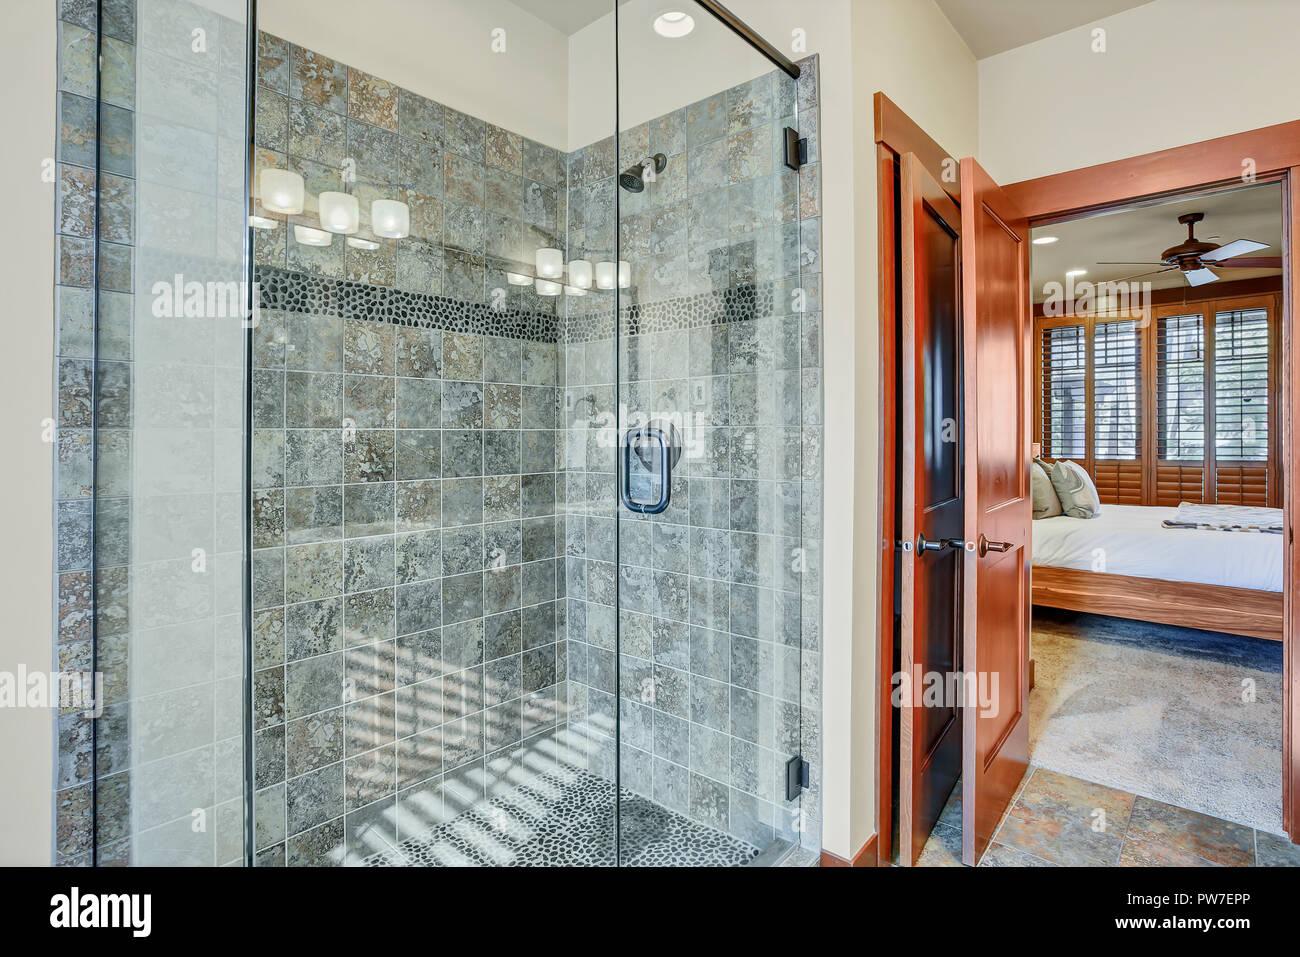 Badezimmer mit begehbarer Dusche Stockfoto, Bild: 222056094 - Alamy